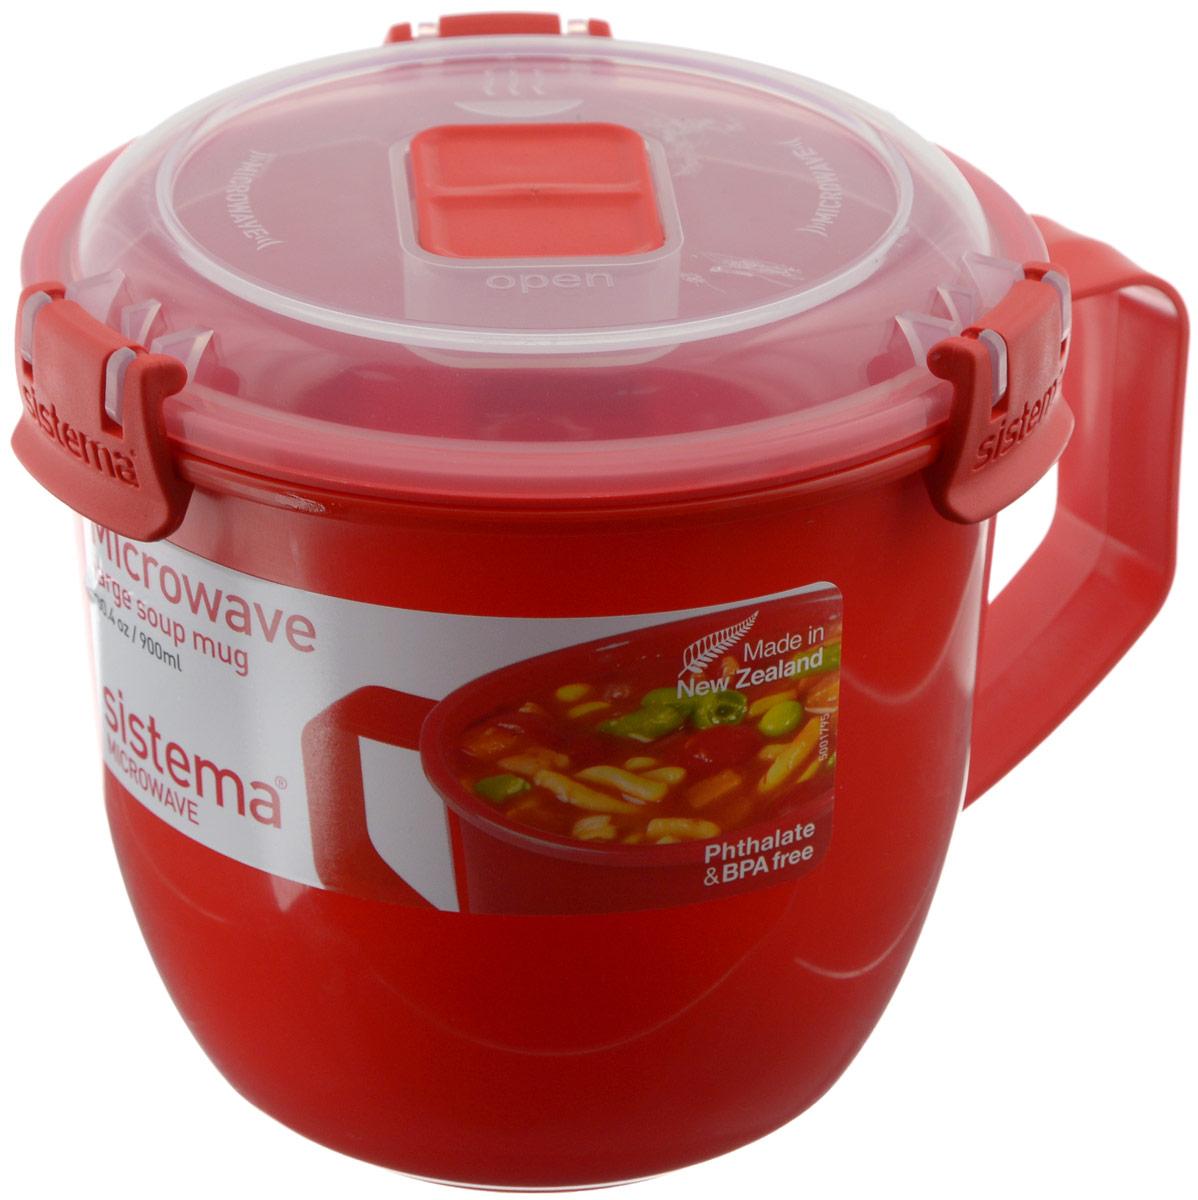 Кружка суповая Sistema Microwave, цвет: красный, 900 млFD-59Кружка суповая Sistema Microwave создана для людей ведущих активный образ жизни. Кружка, с надежной защитой от протечек, позволит взять с собой горячий суп на пикник, в офис или в поездку. На крышке имеется силиконовая прокладка, который способствует герметичному закрыванию.Контейнер оснащен фиксирующимися зажимами – клипсами, которые при необходимости можно заменить.Можно мыть в посудомоечной машине.Объем кружки: 900 мл.